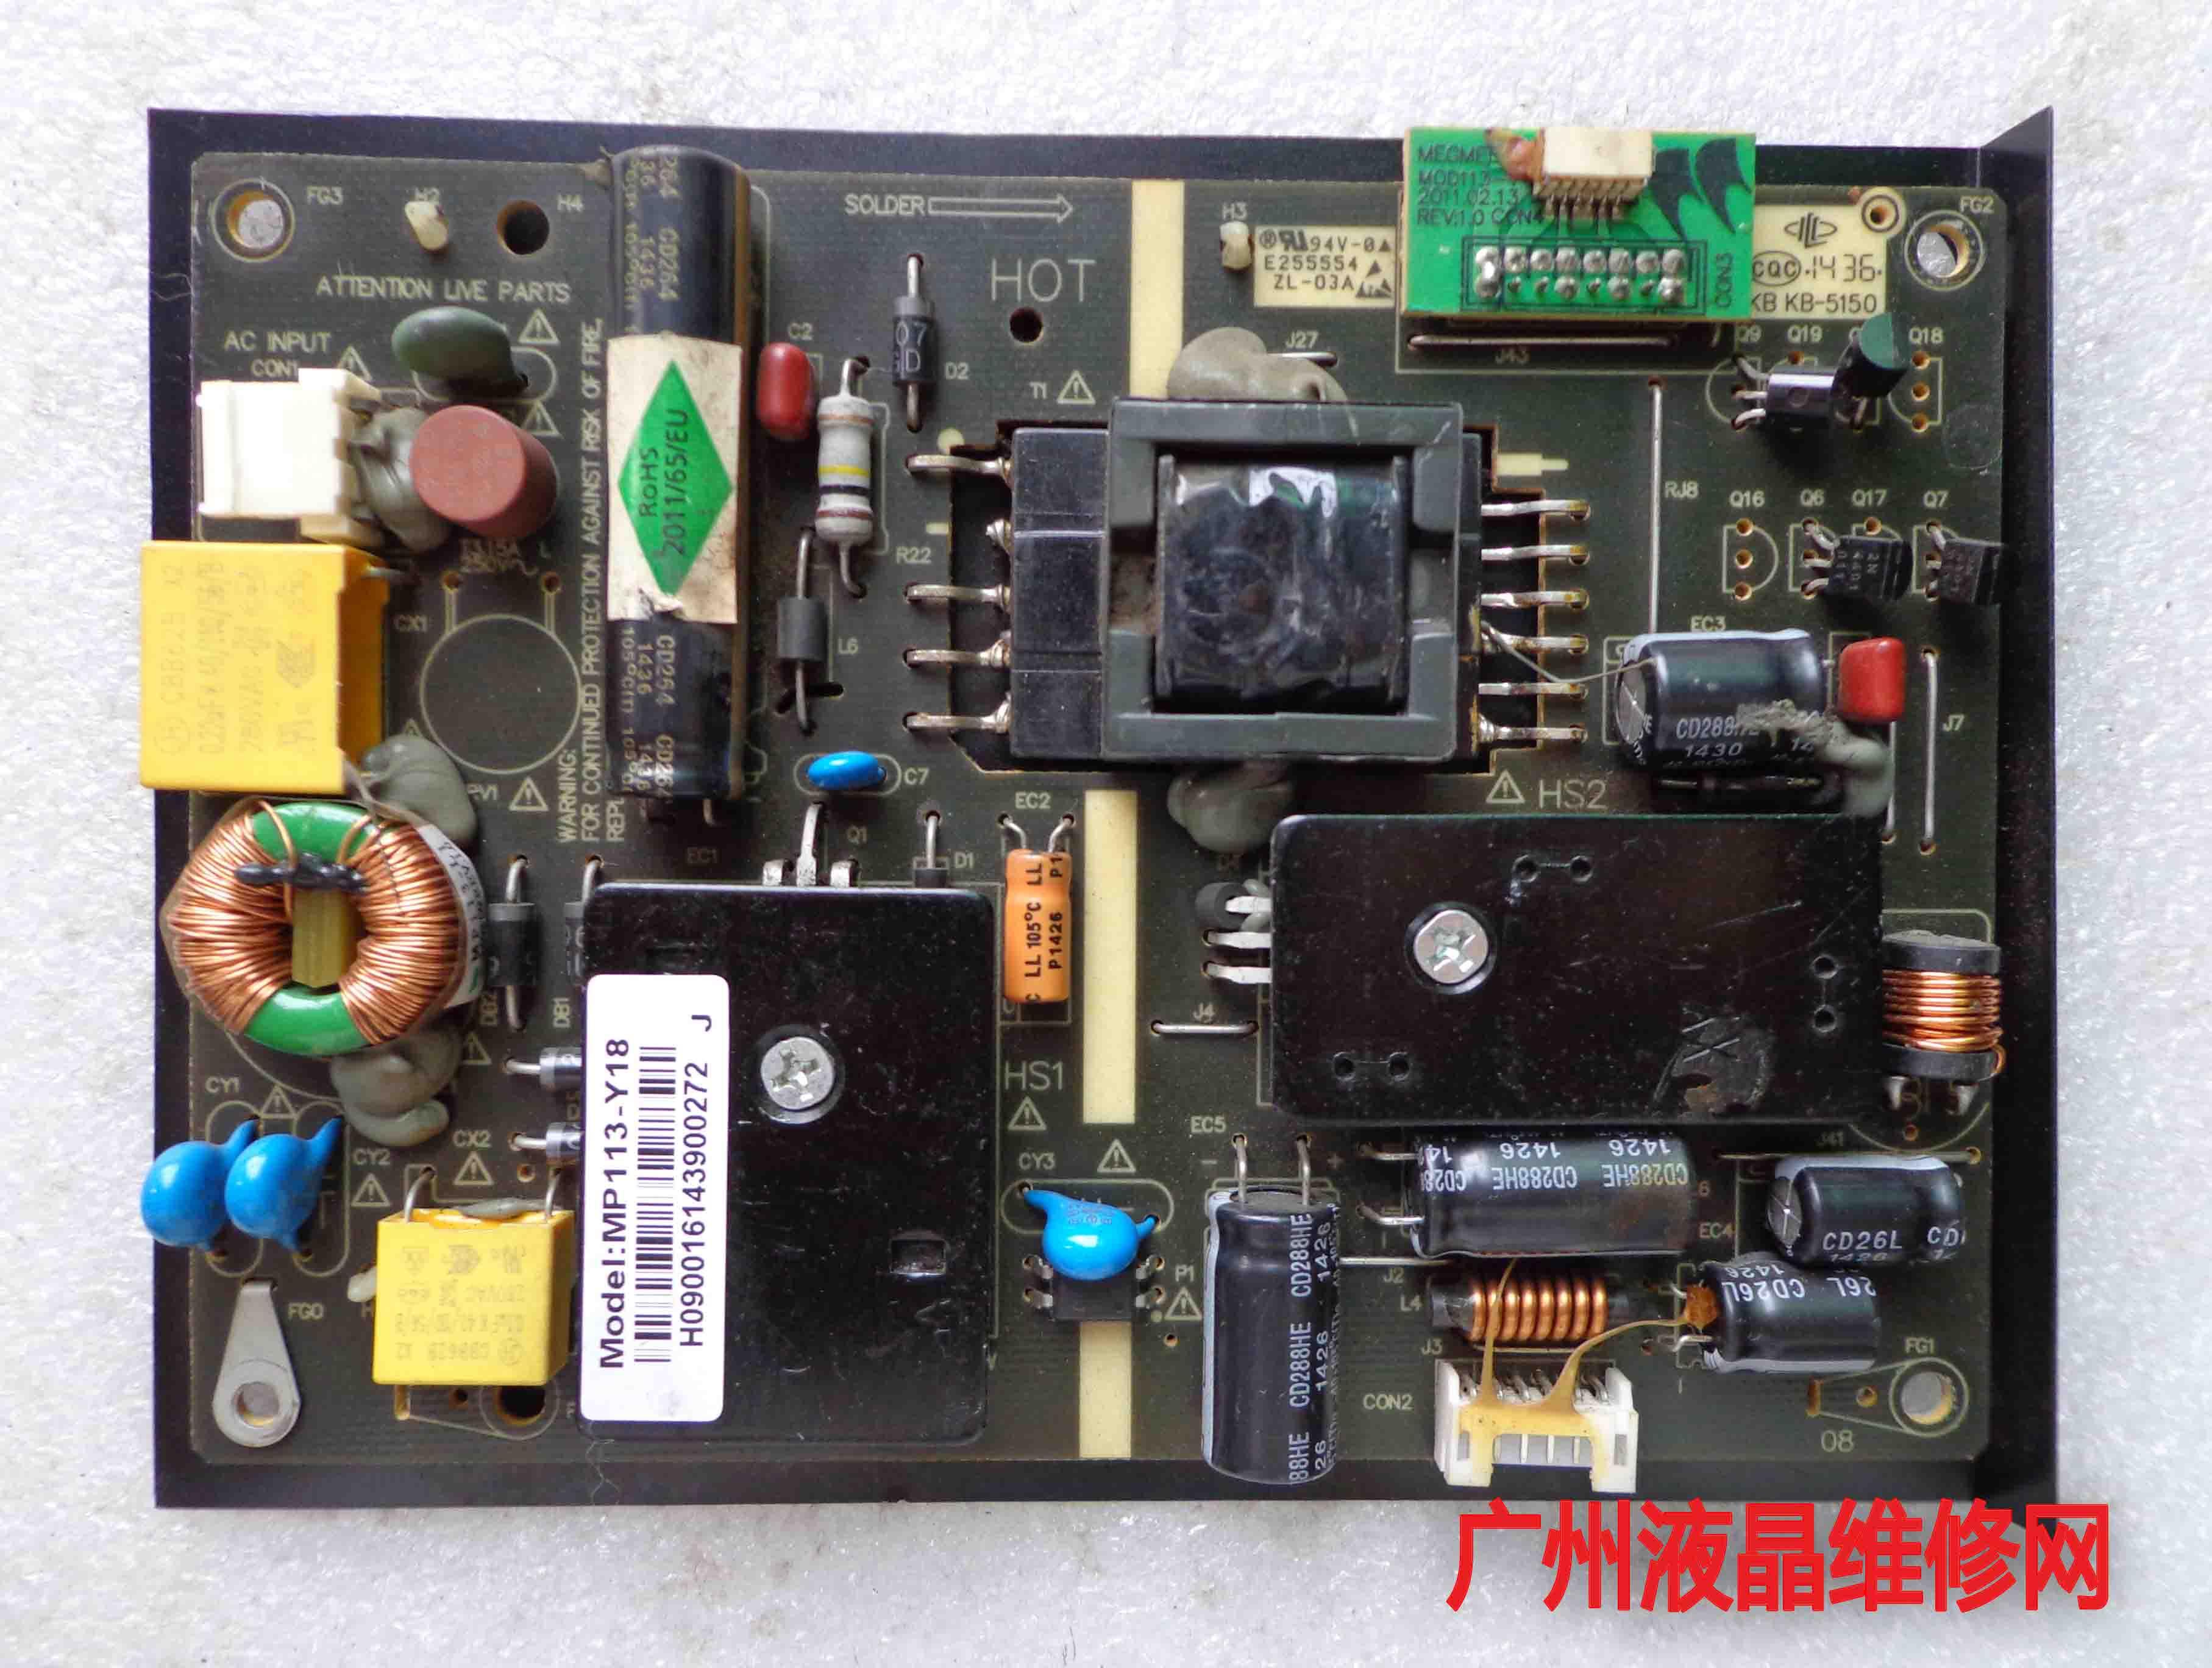 LCD رصد PTS-2202 الطاقة مجلس V59xu_gk_2.1 عالية الجهد مجلس يدعم 22 بوصة واسعة شاشة